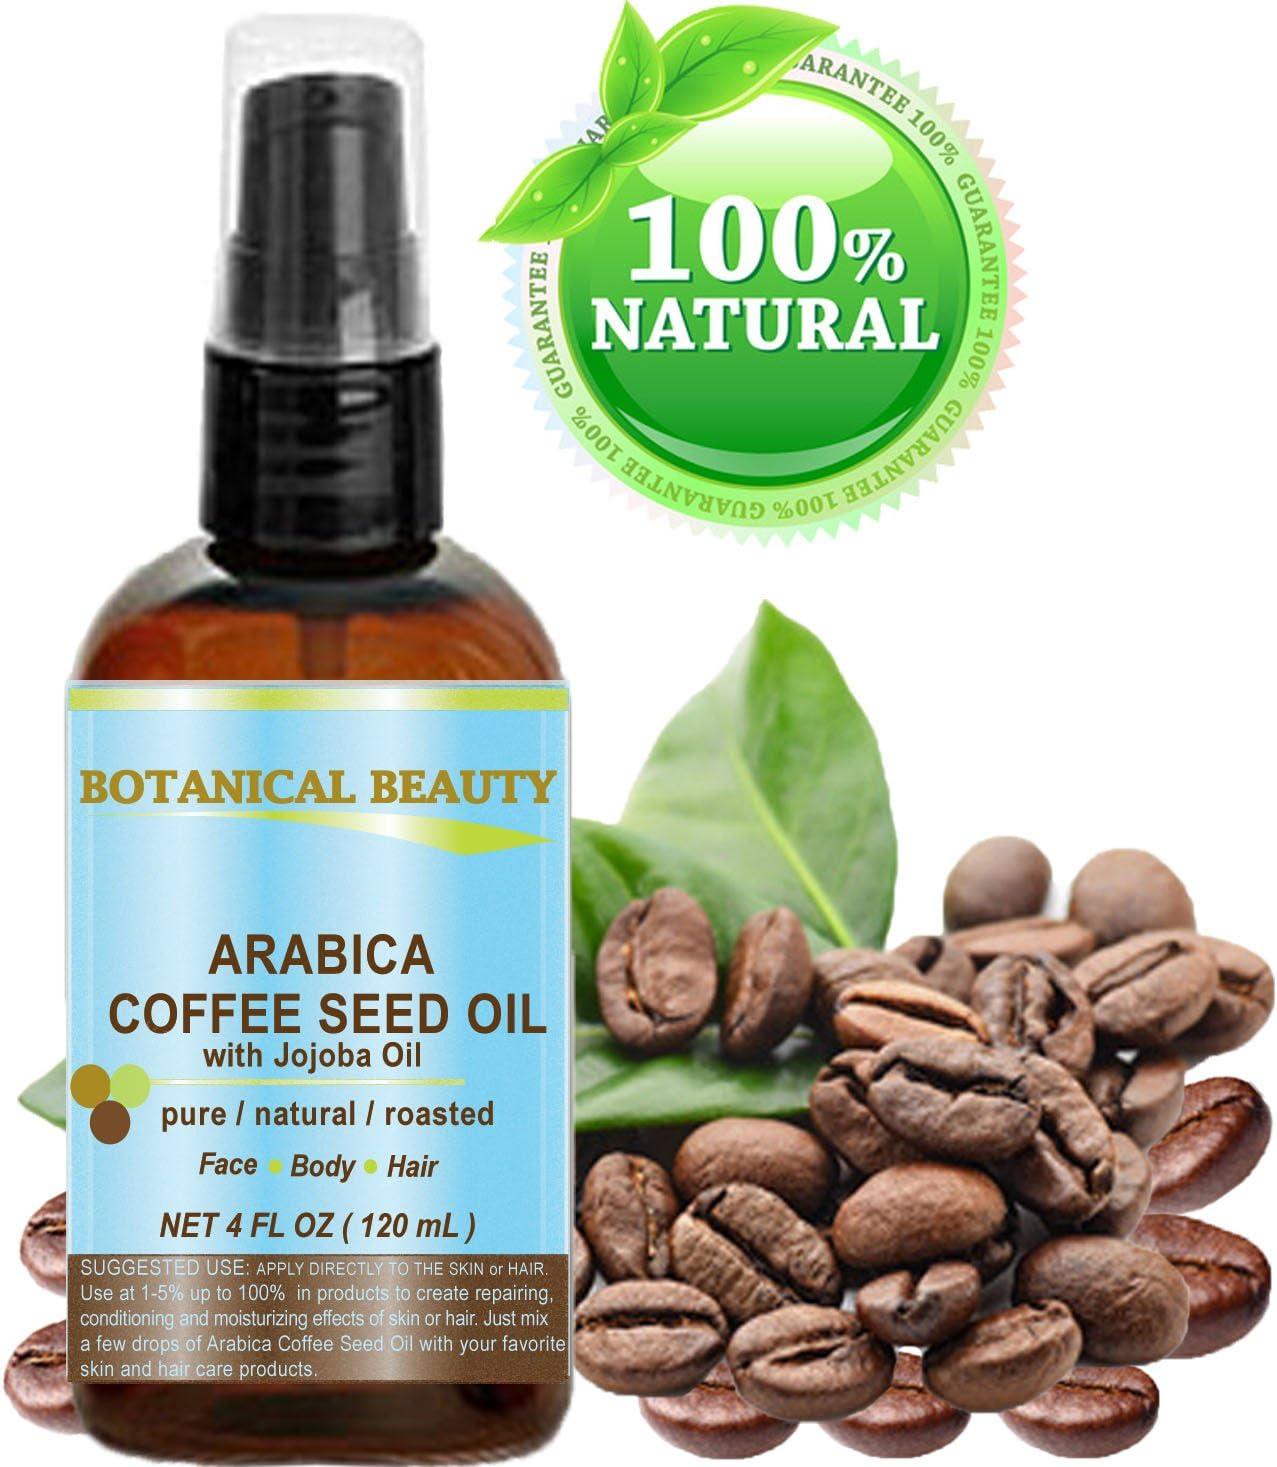 Arabica de café kernöl, 100% Natural. Para Cara, cuerpo y pelo–120ml. Reducción de arrugas, antirreflejos, Hinchazón/Círculos oscuros, anti-cellulite.